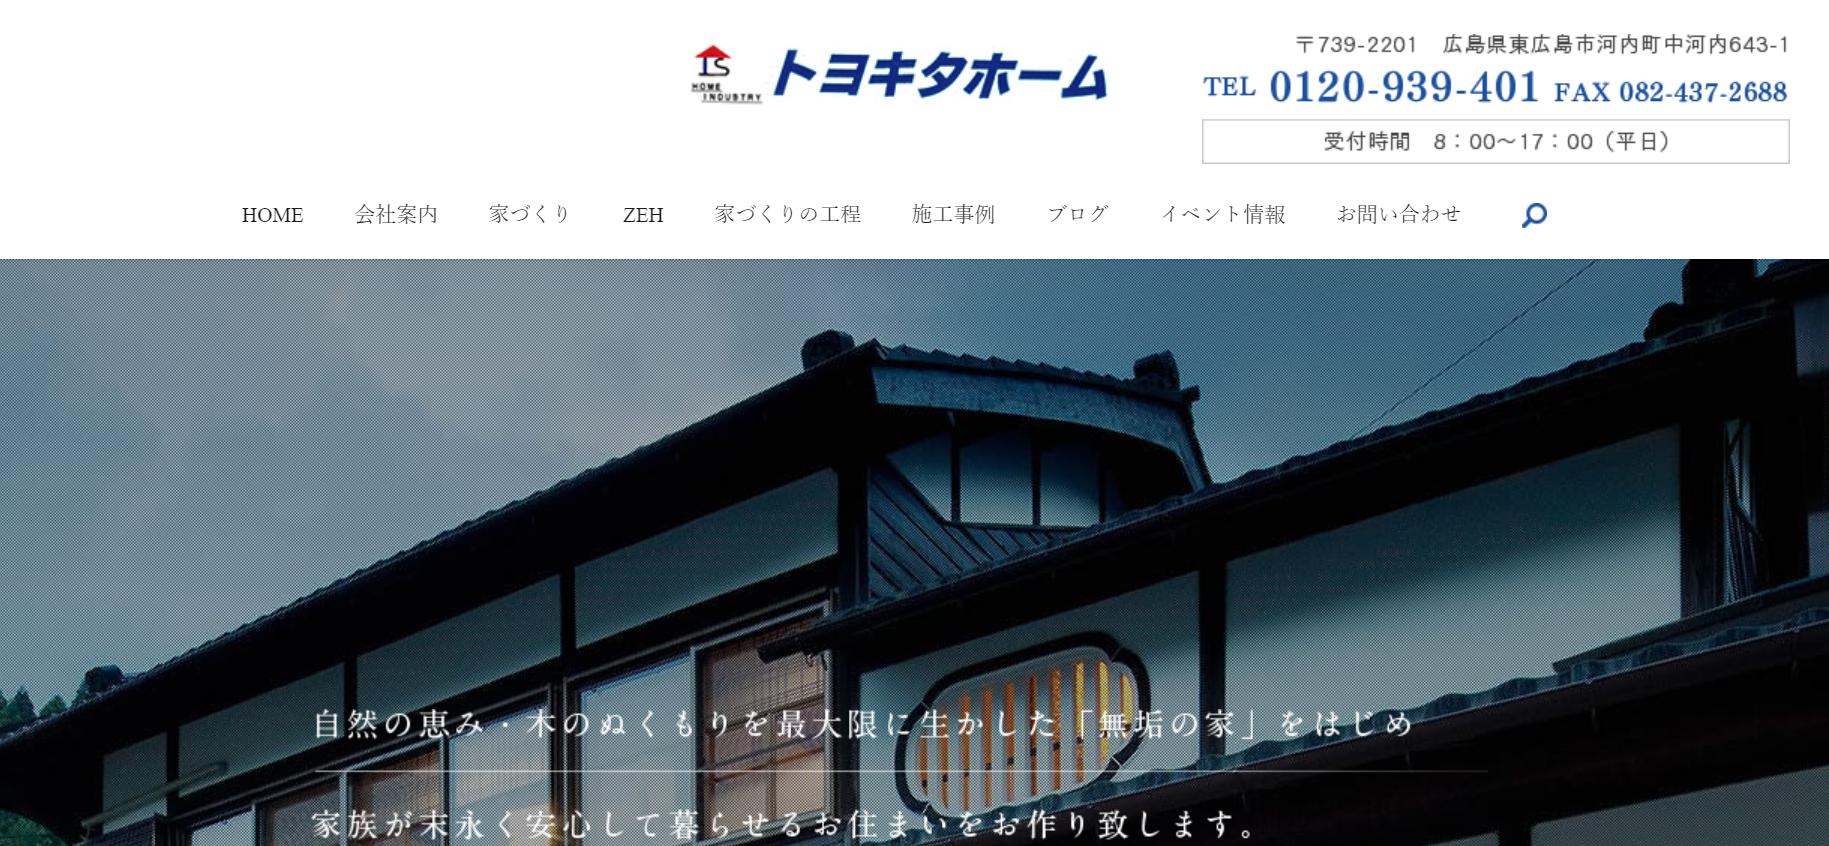 トヨキタホームの評判・口コミ【広島エリア】